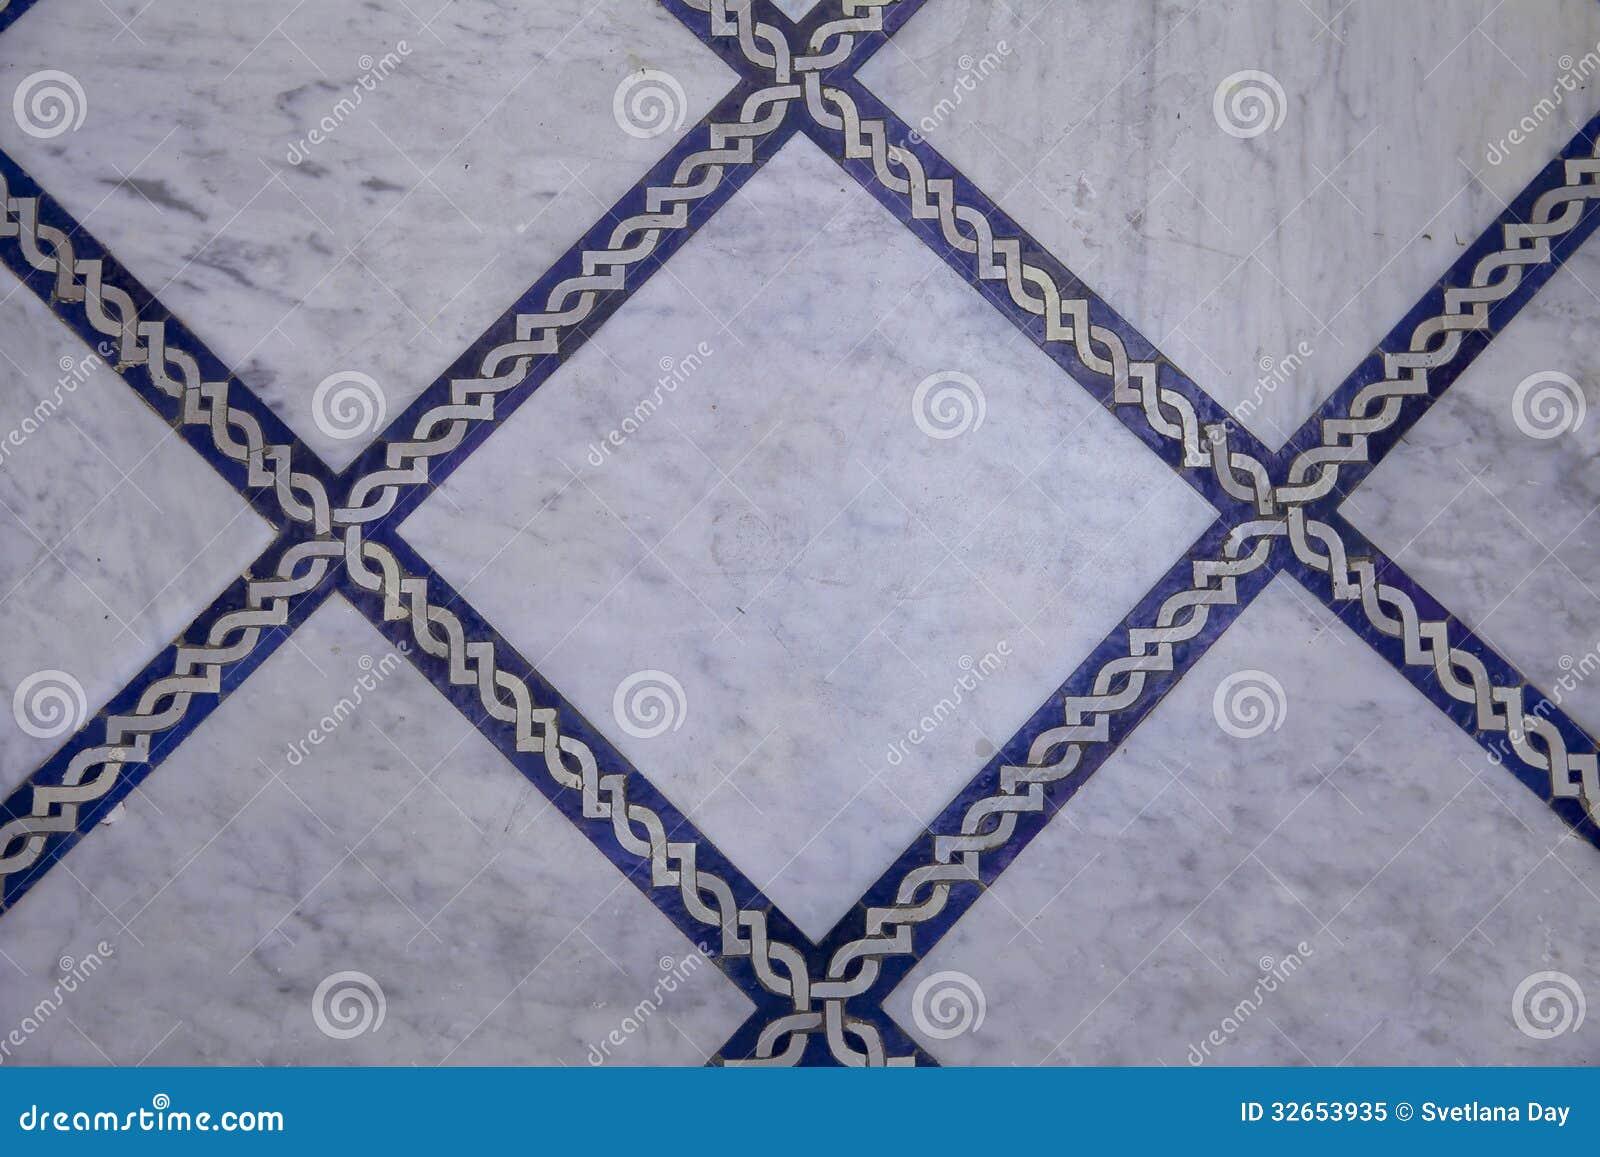 mod le de tuile de zellige de marocain photo libre de droits image 32653935. Black Bedroom Furniture Sets. Home Design Ideas